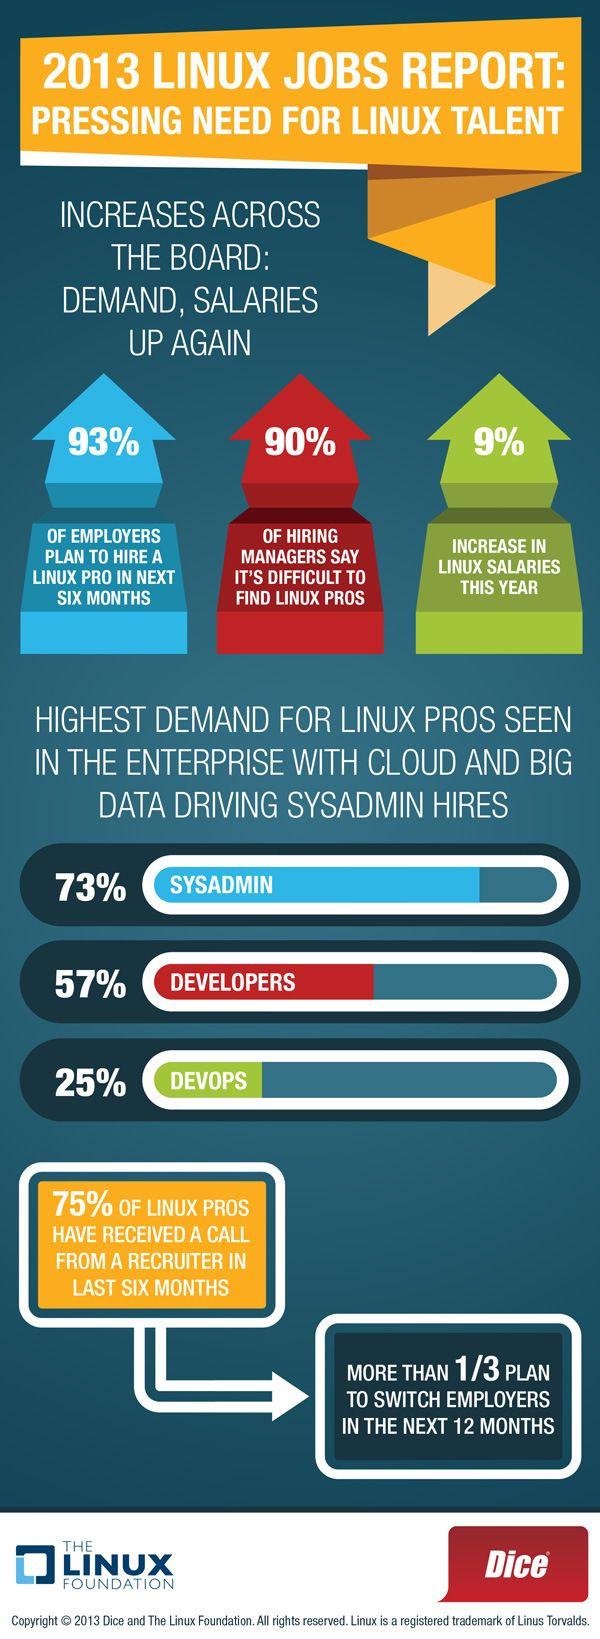 Te gusta Linux? De que puedes trabajar?